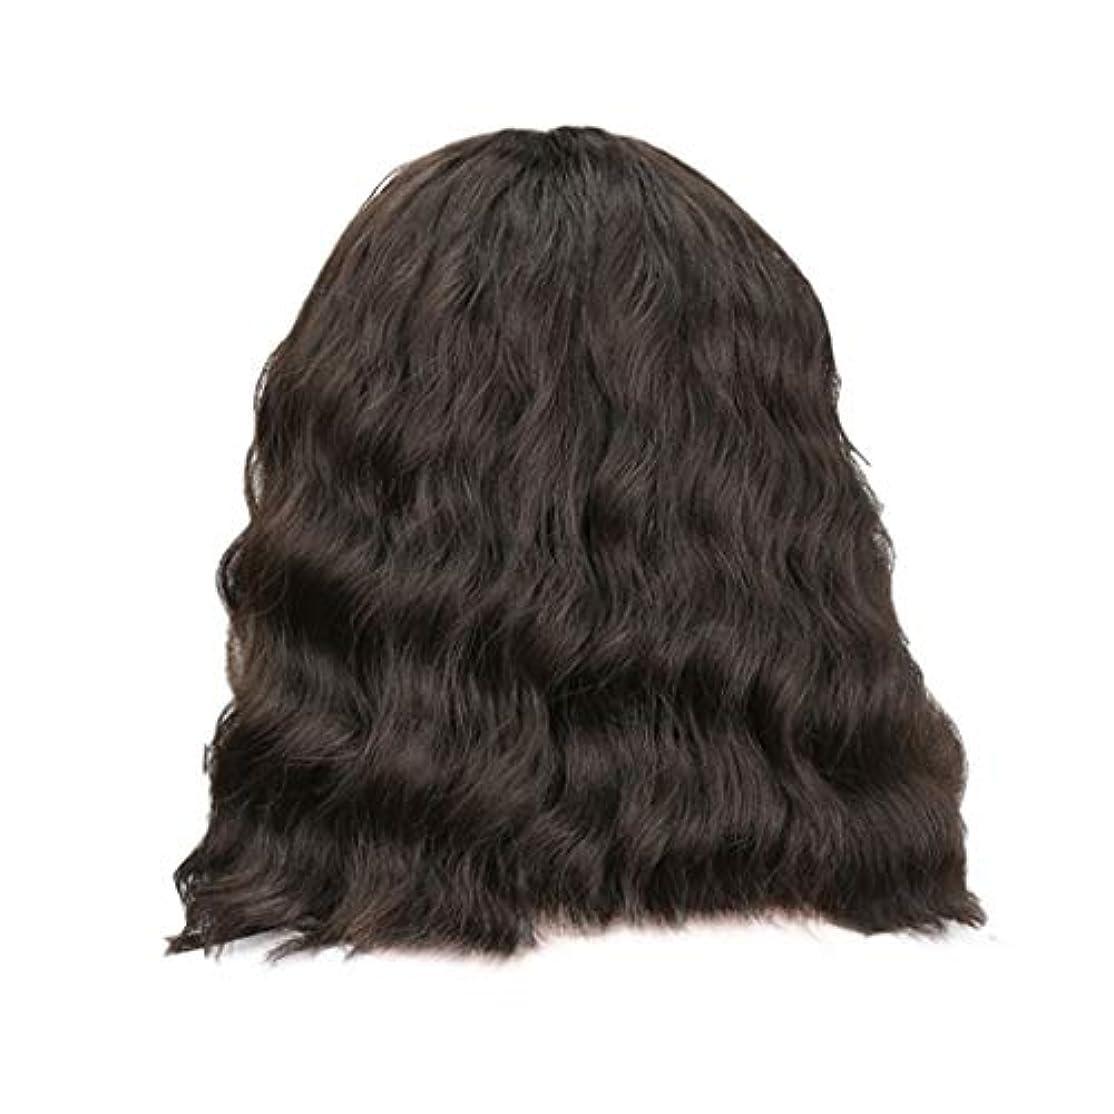 称賛ディスコプライム女性の黒の短い巻き毛のかつらボブ波かつらローズネット34 cm